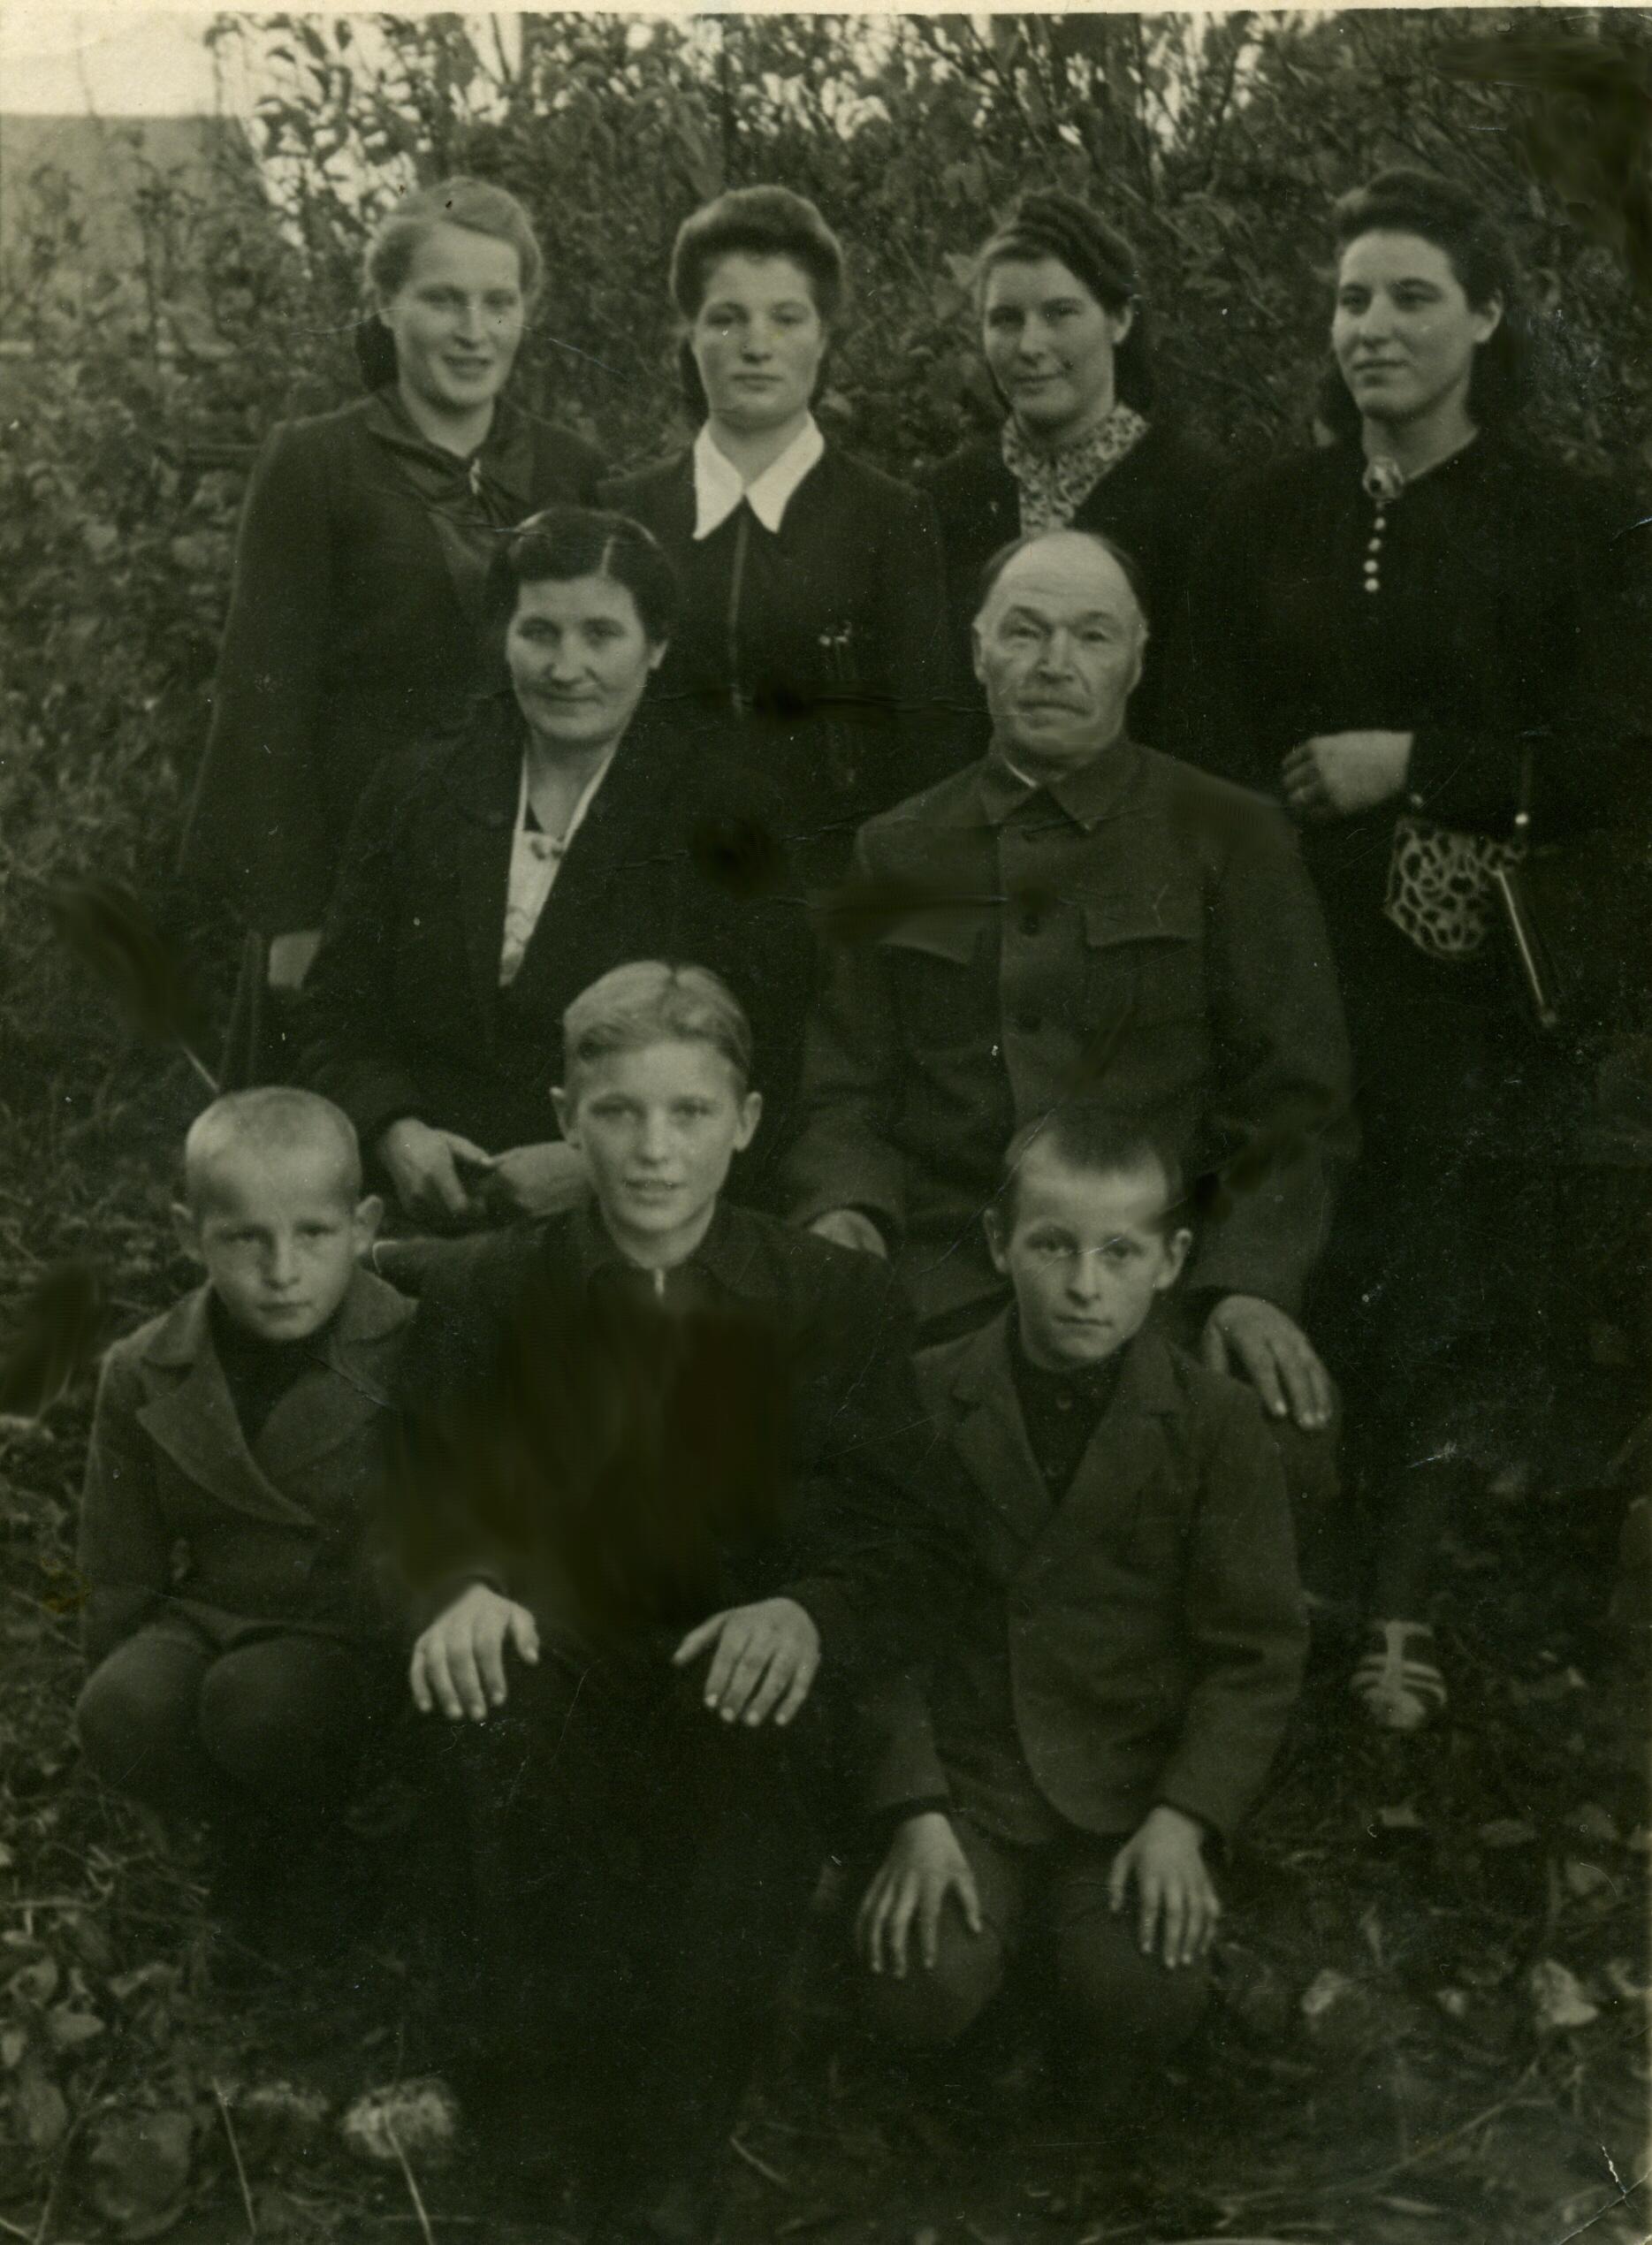 Zapole - rodzina CYPLA (około 1955 roku)